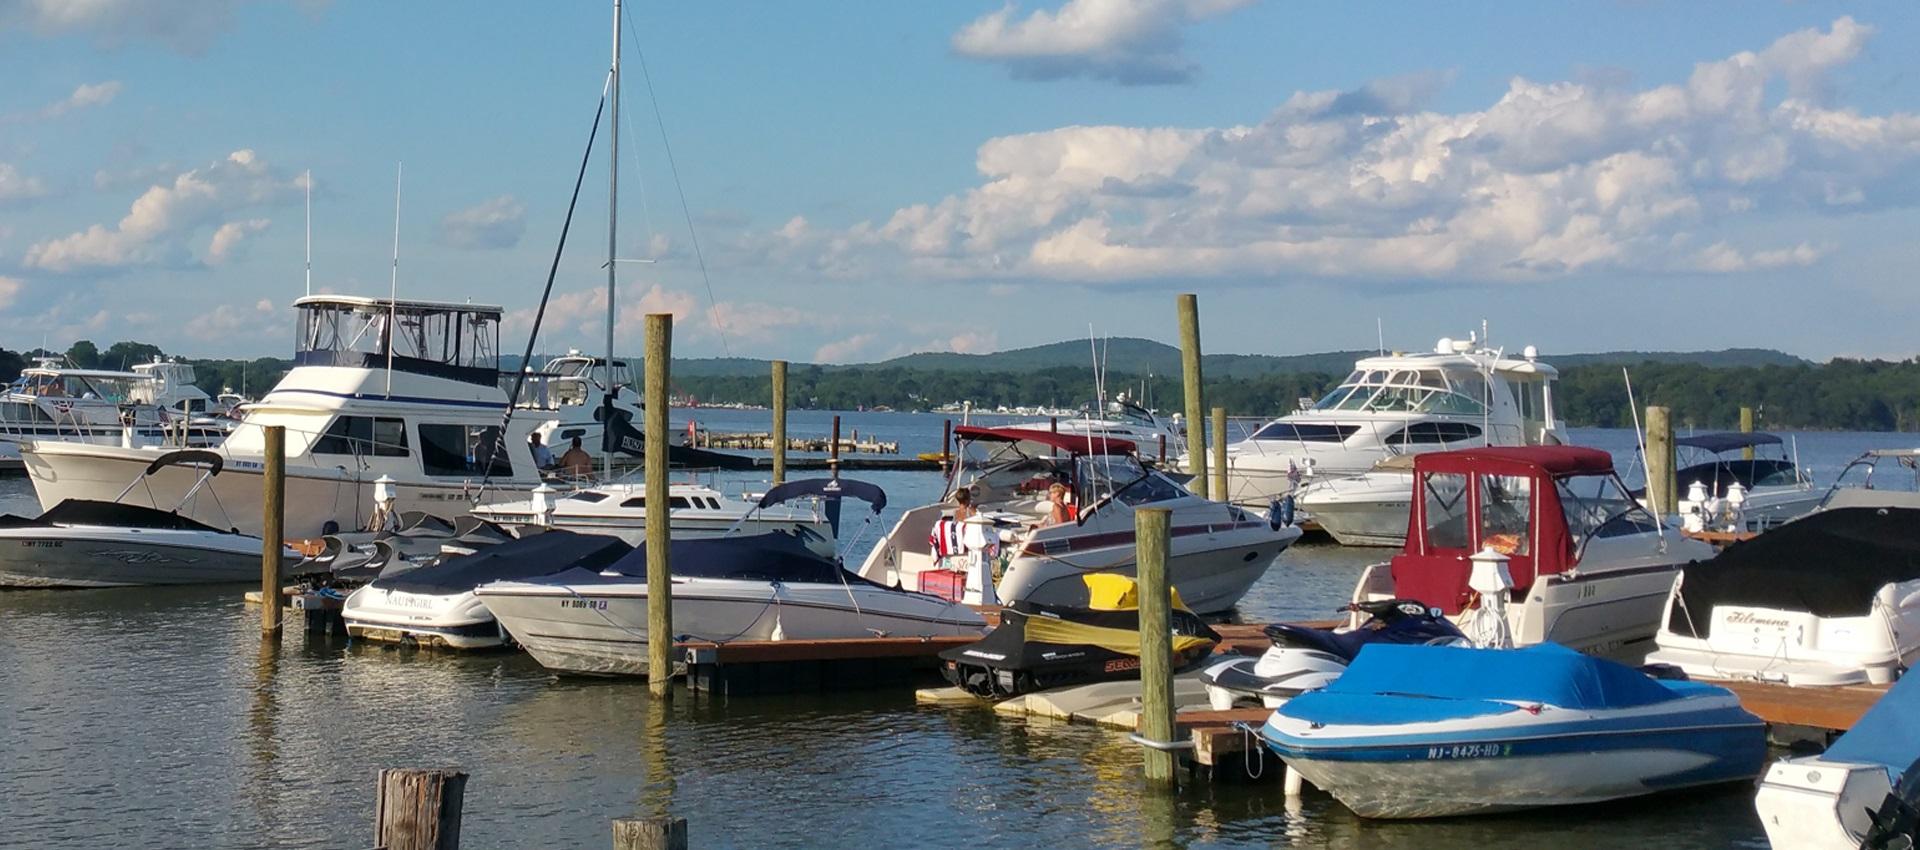 Patsys Bay Marina in Stony Point, NY